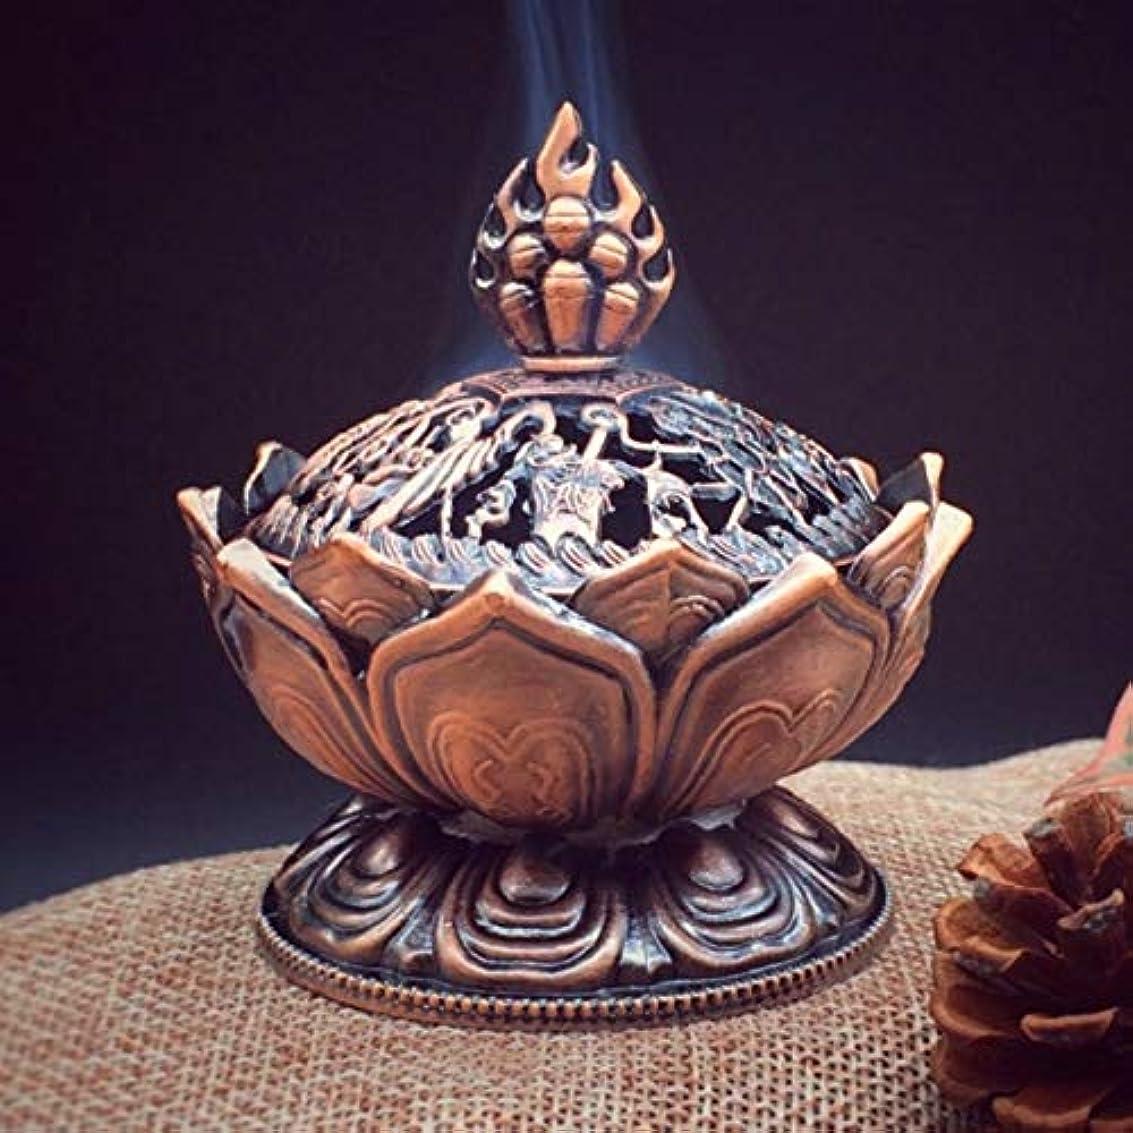 船形努力不誠実Holy Tibetan Lotus Designed Incense Burner Zinc Alloy Bronze Mini Incense Burner Incensory Metal Craft Home Decor